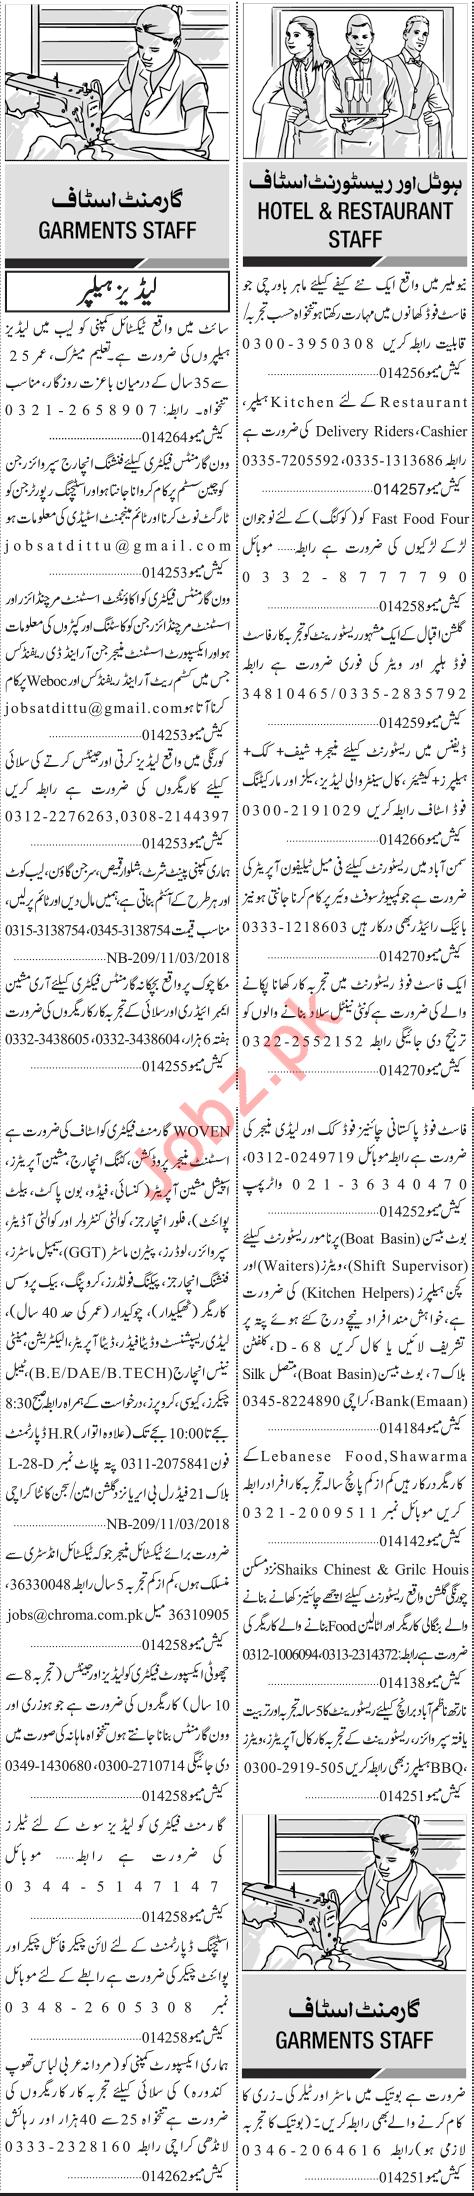 Garments Staff & Domestic Staff Jobs in Karachi